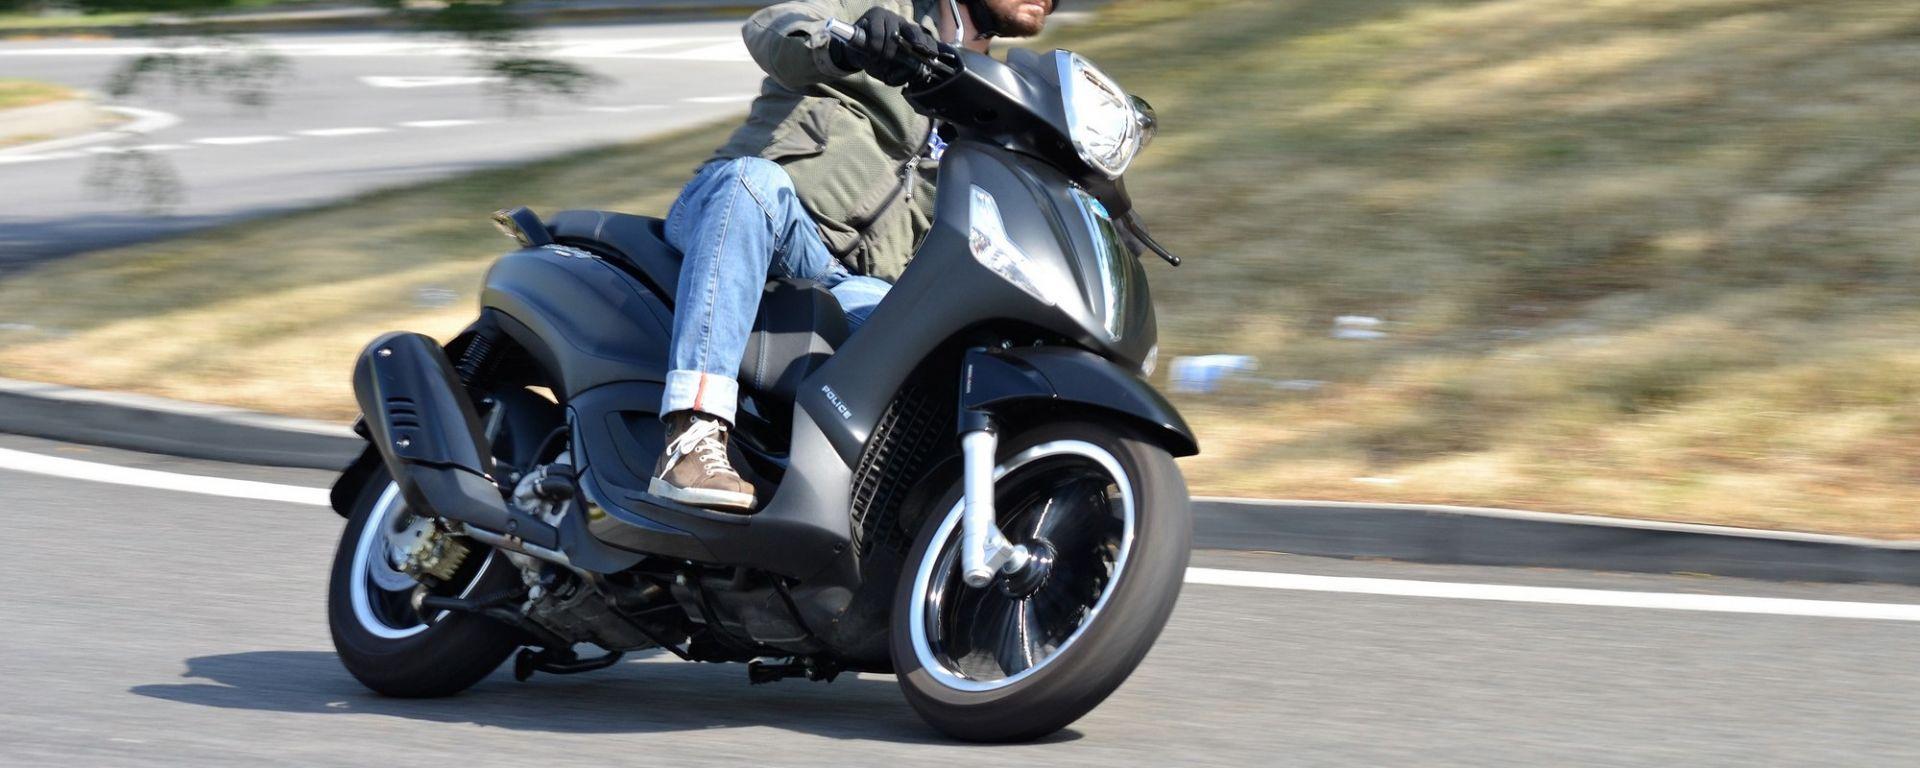 Il Piaggio Beverly 300 ha una guida quasi motociclistica